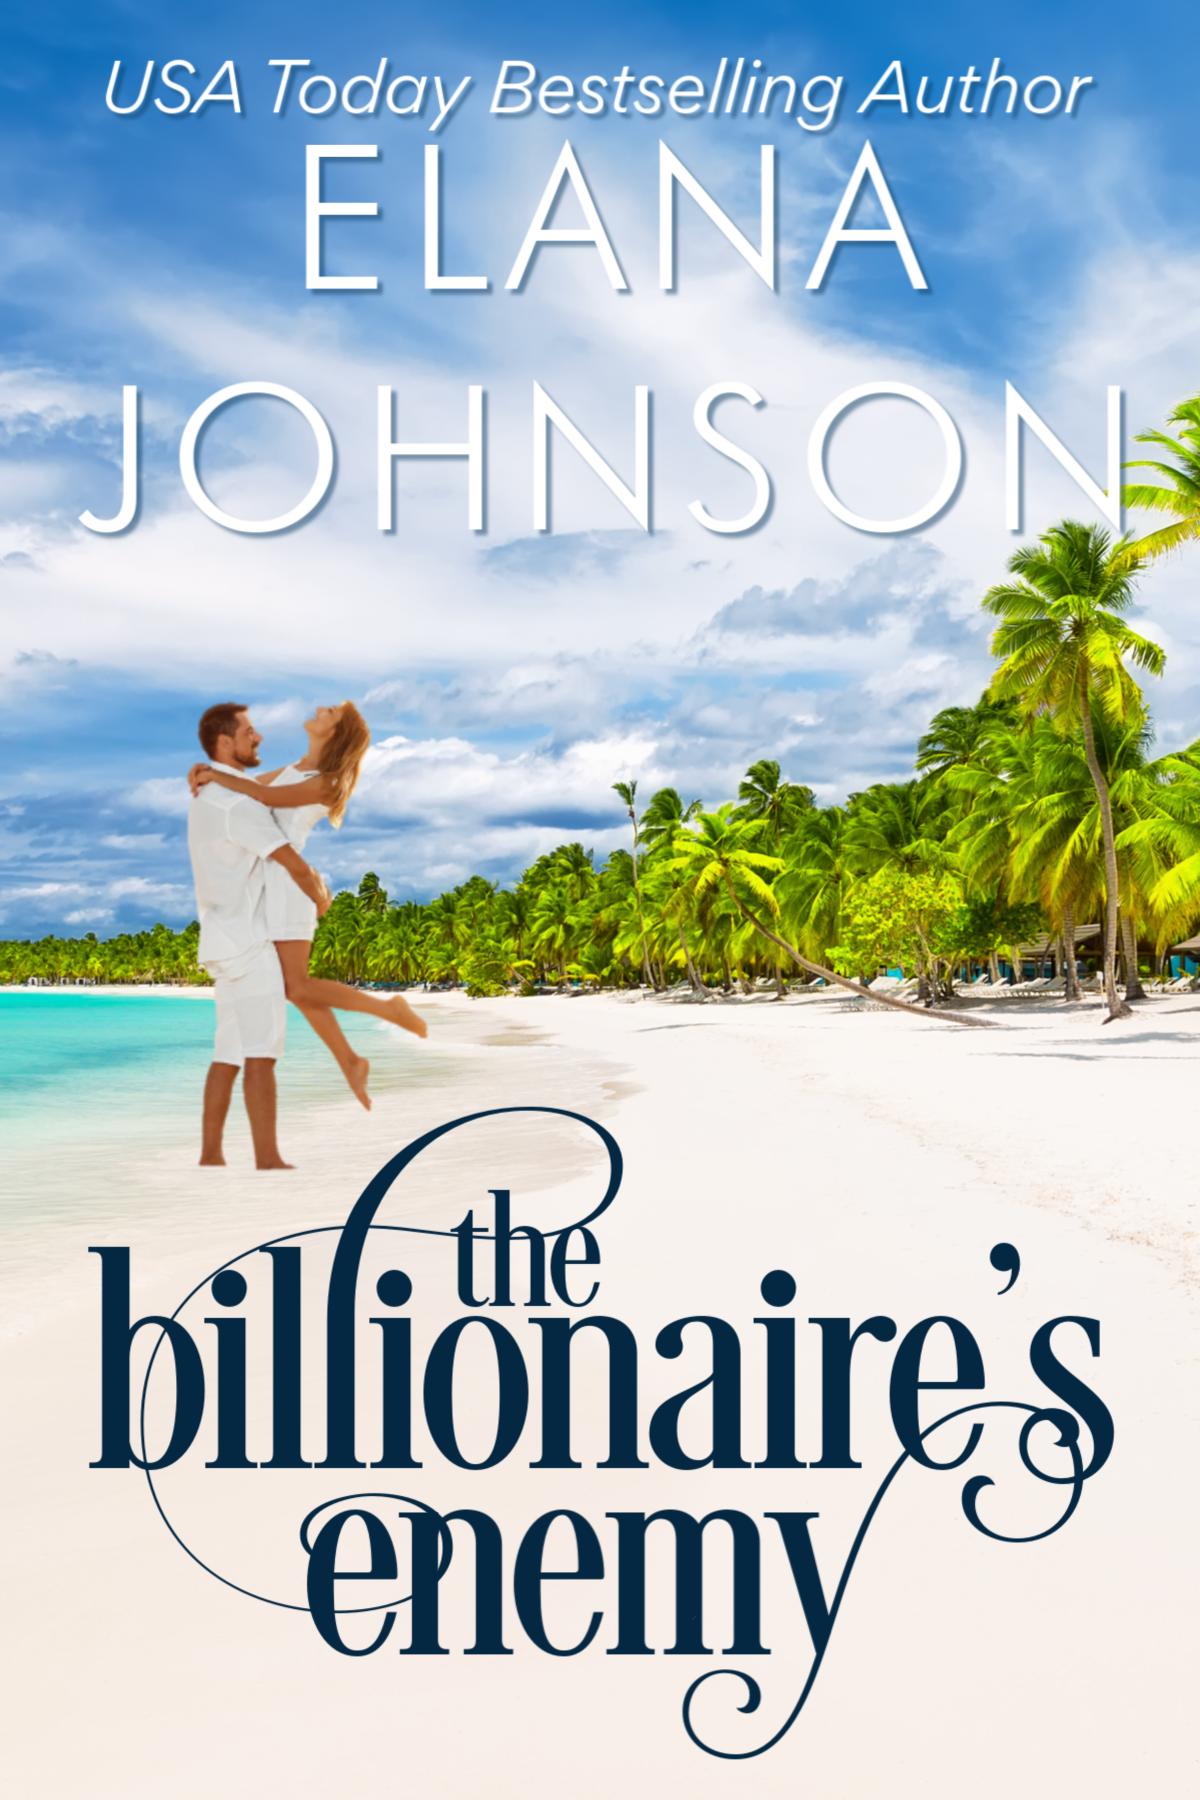 The Billionaire's Enemy (FINAL)